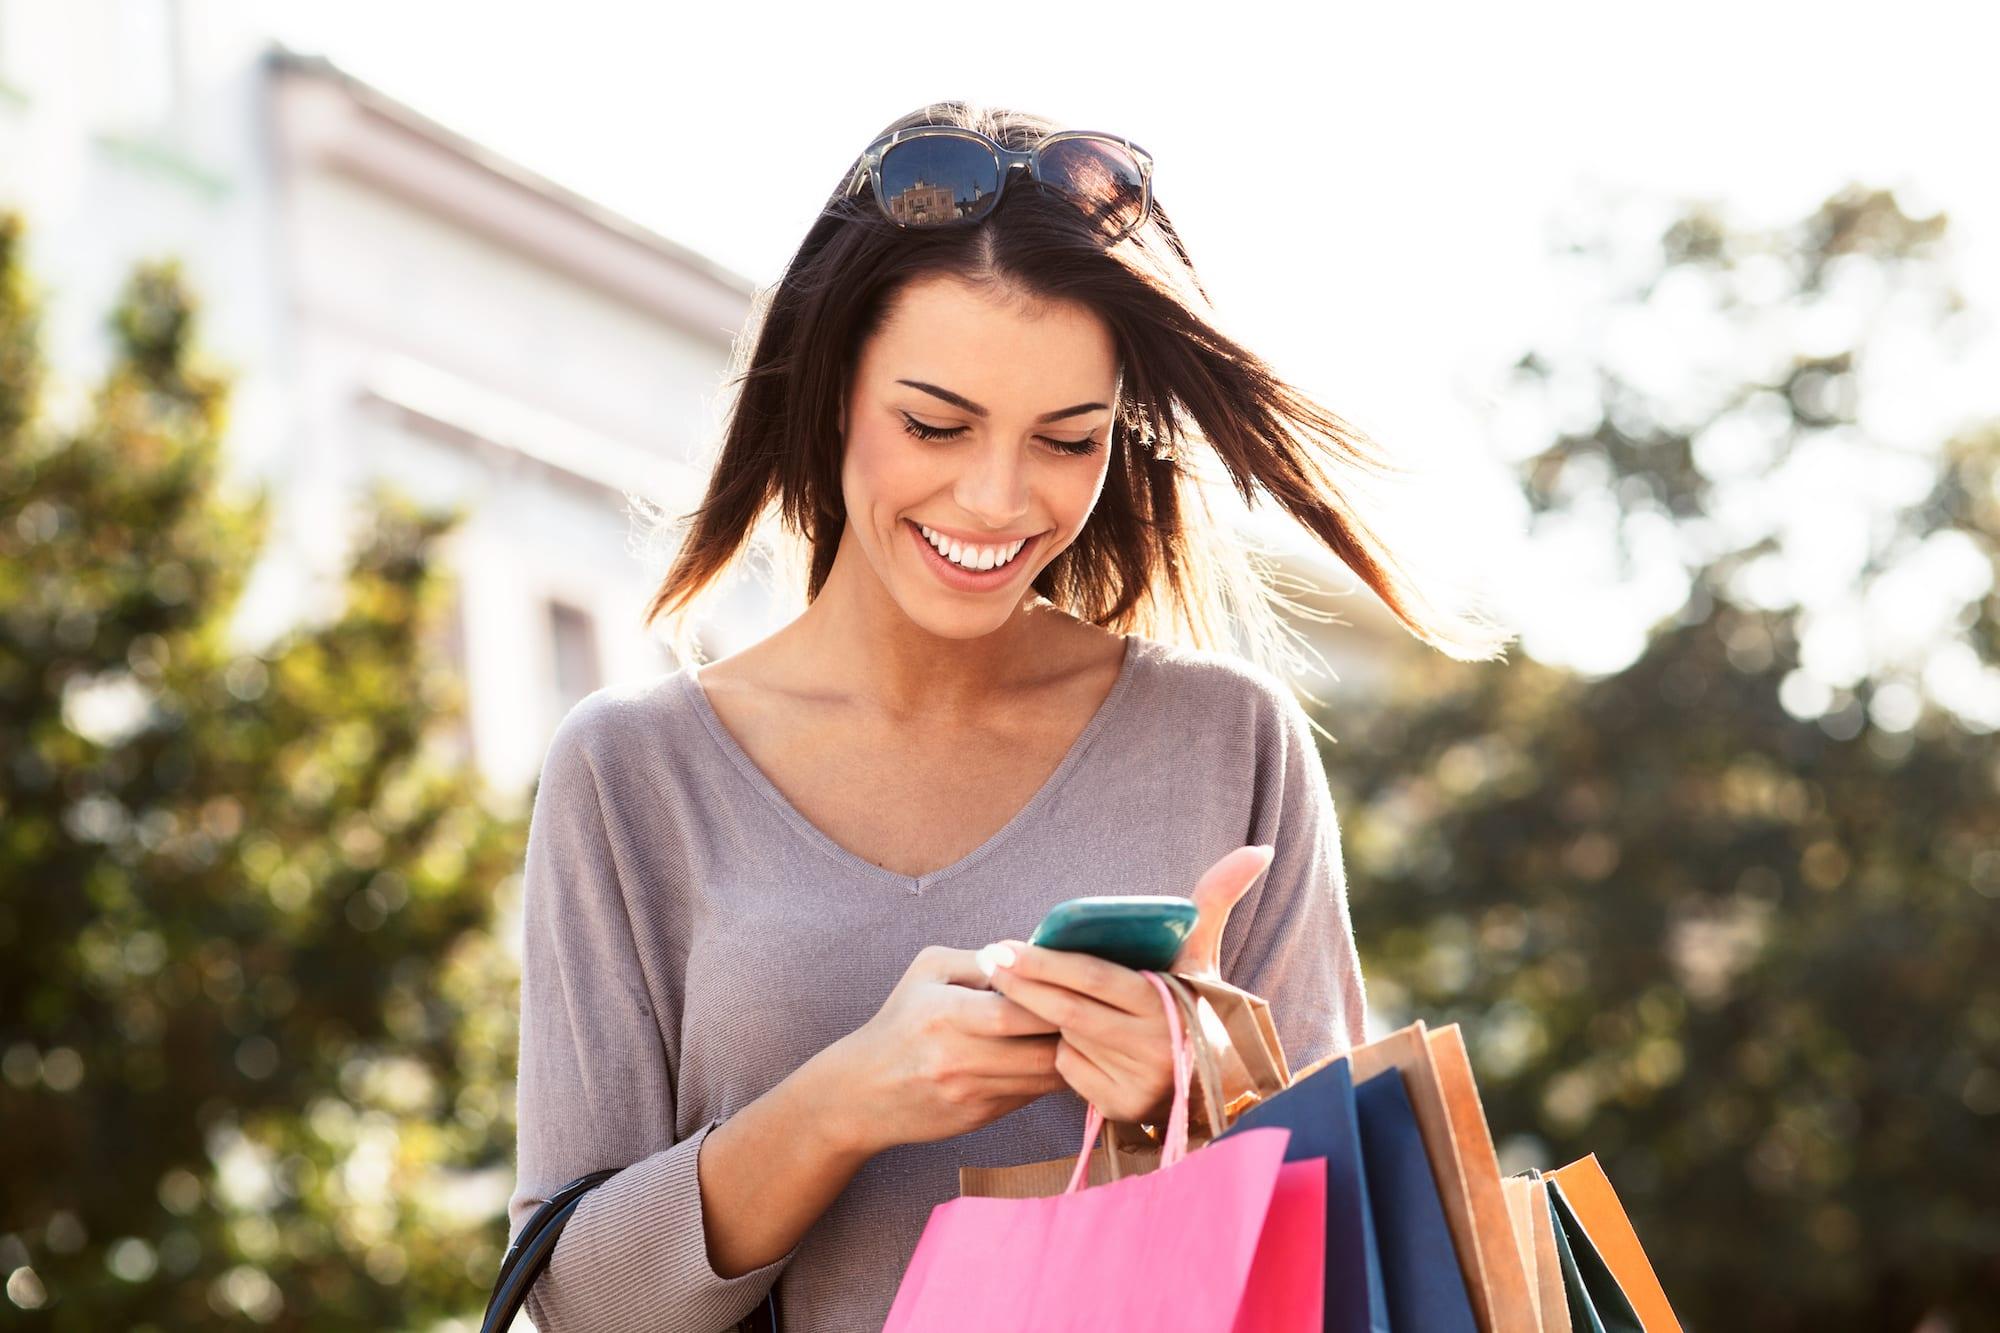 consumer purchasing behavior